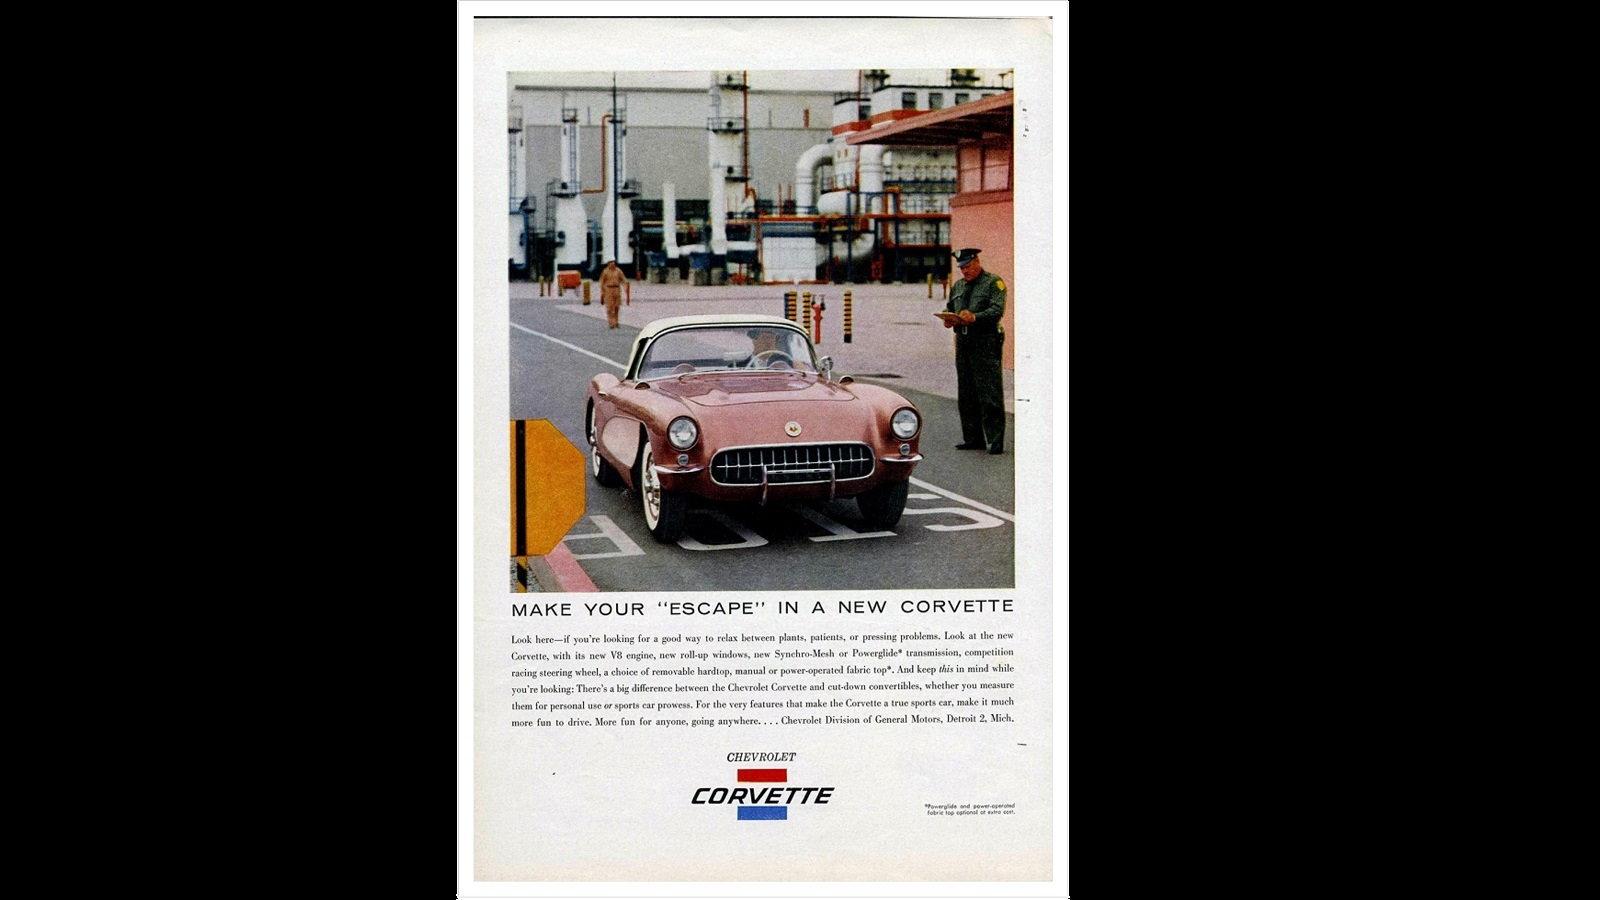 Escape in a New Corvette